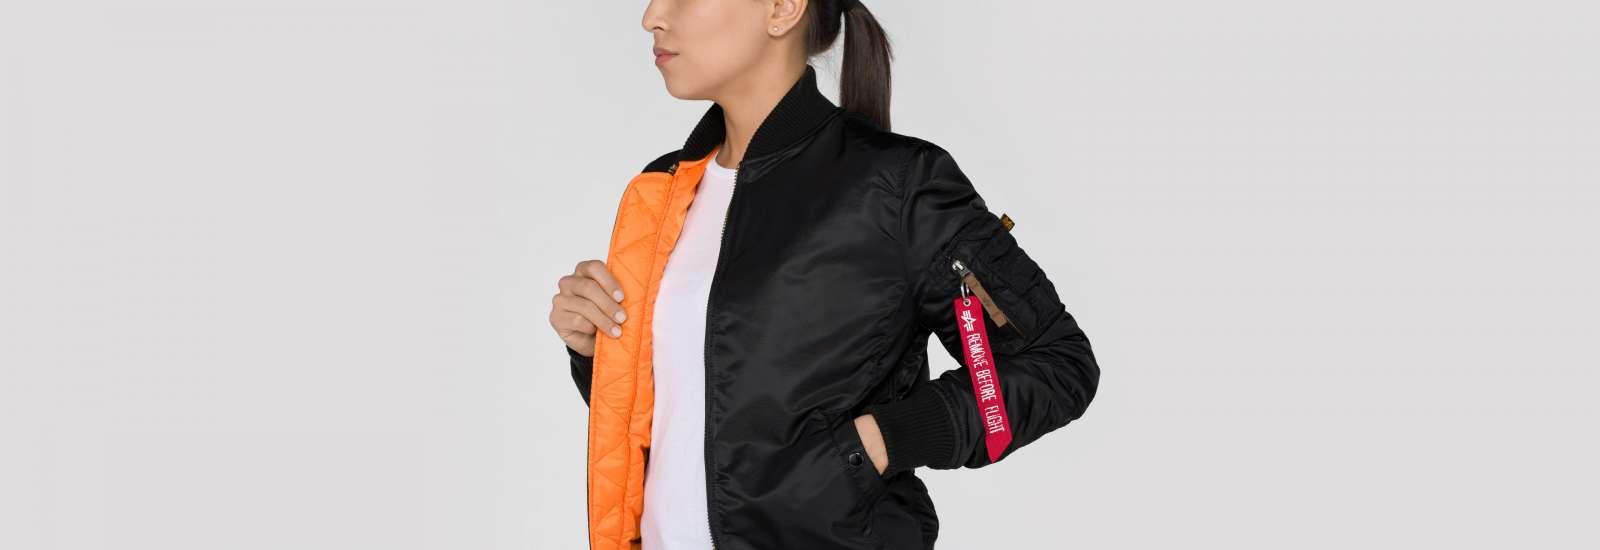 133009-03-alpha-industries-ma-1-vf-59-wmn-flight-jacket-006_800x800@2x